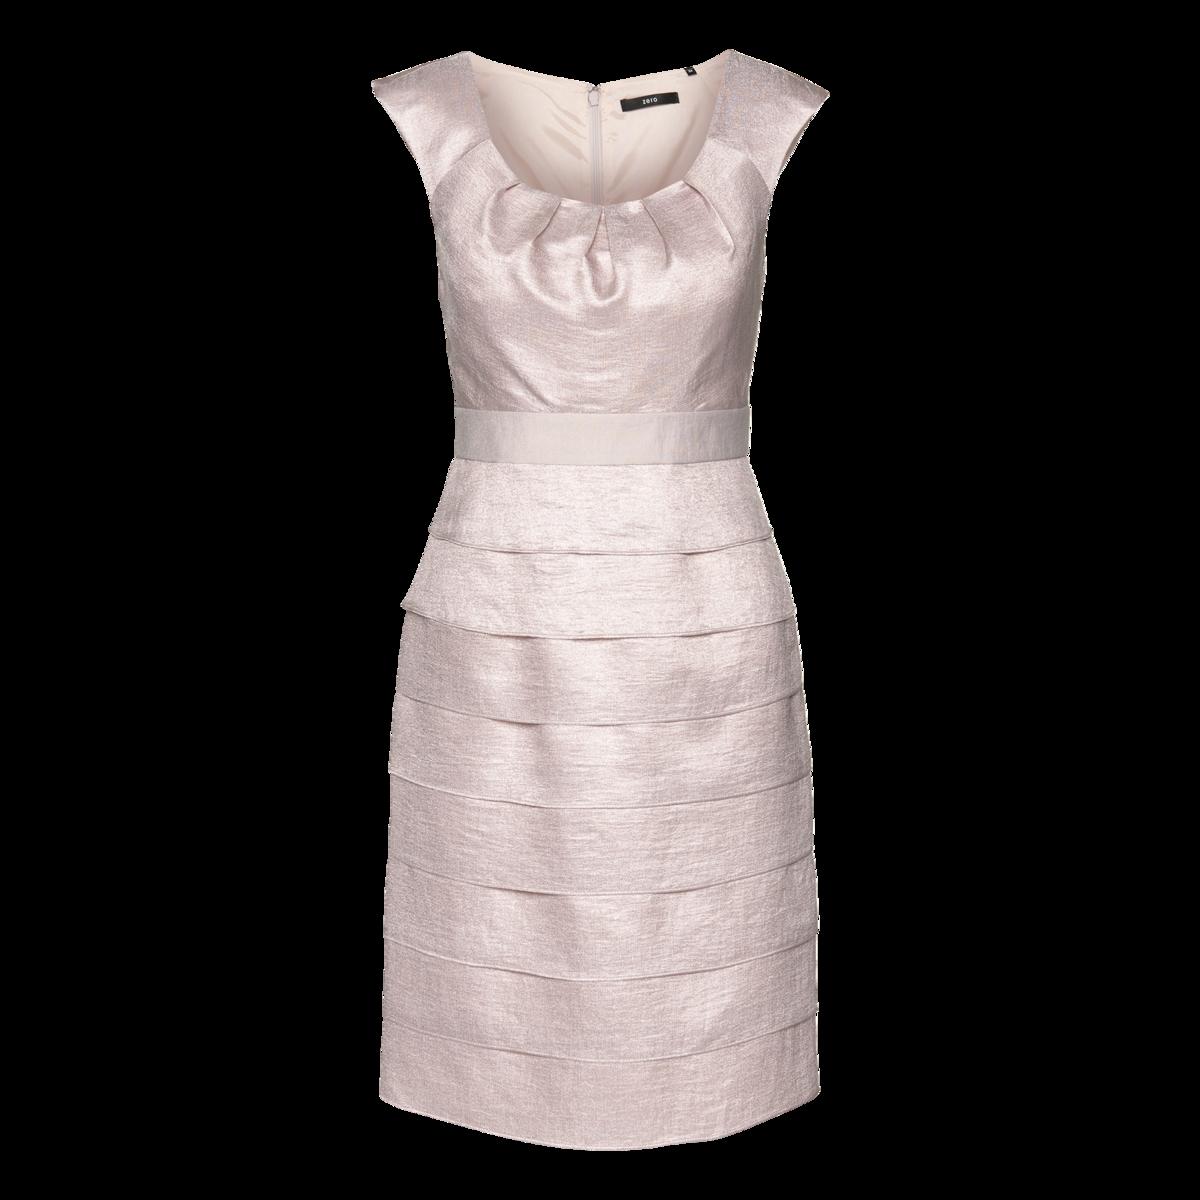 Fantastisch Design Cocktail Kleid Zeitgenössisch - Brautkleider ...